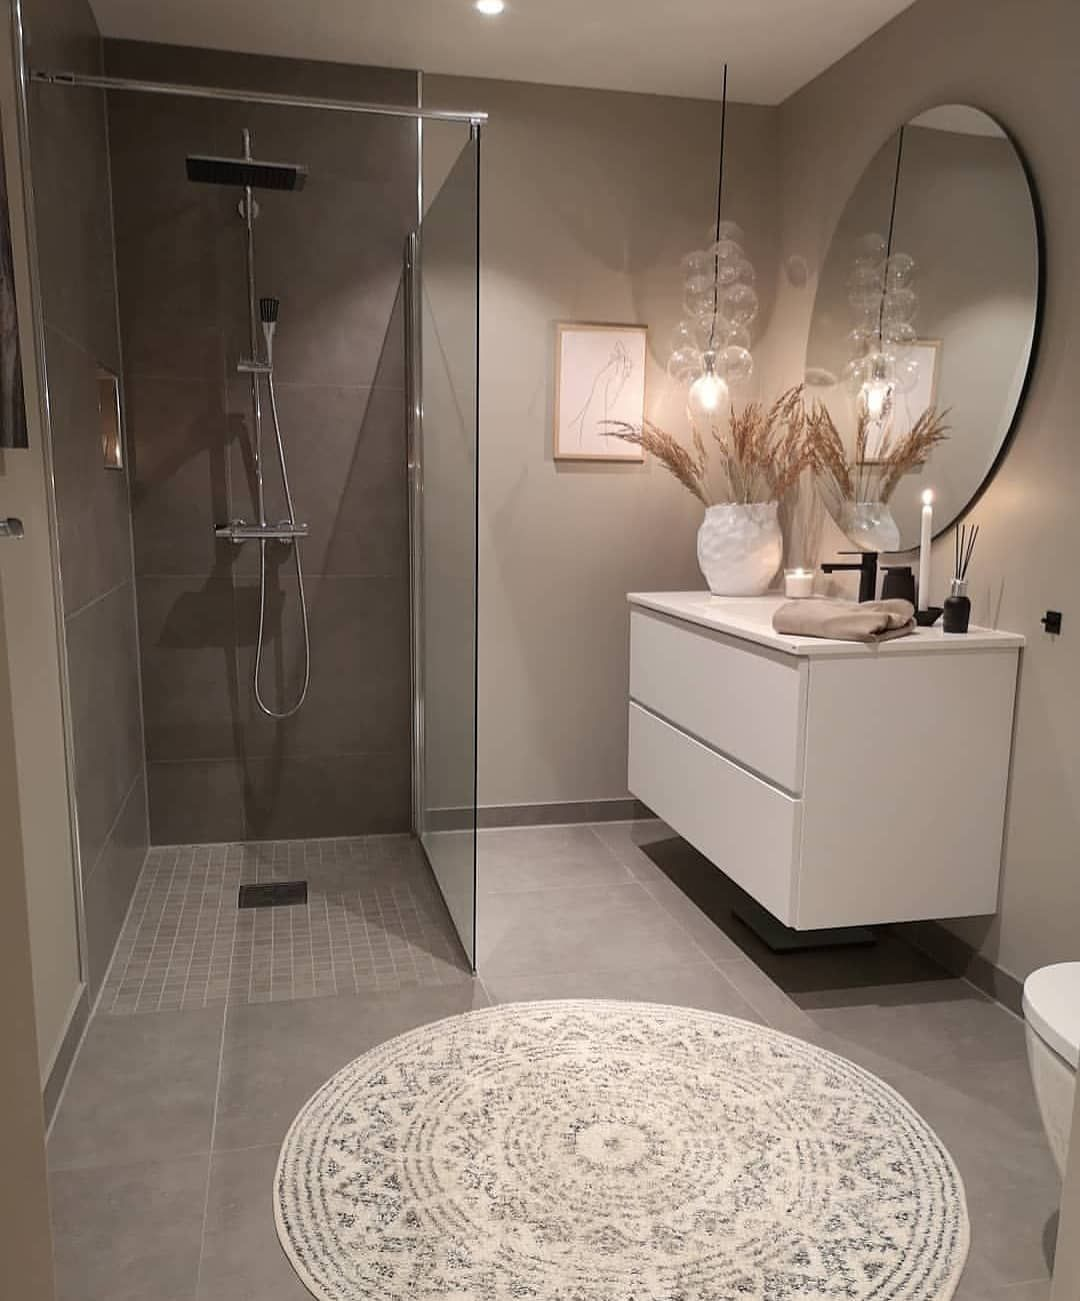 Passion Tiles On Instagram Werbung Badezimmer Von Villa Nordhelle Waschtisch Meinhaus Hausbaublog Mobel Kaufen Badezimmereinrichtung Badezimmer